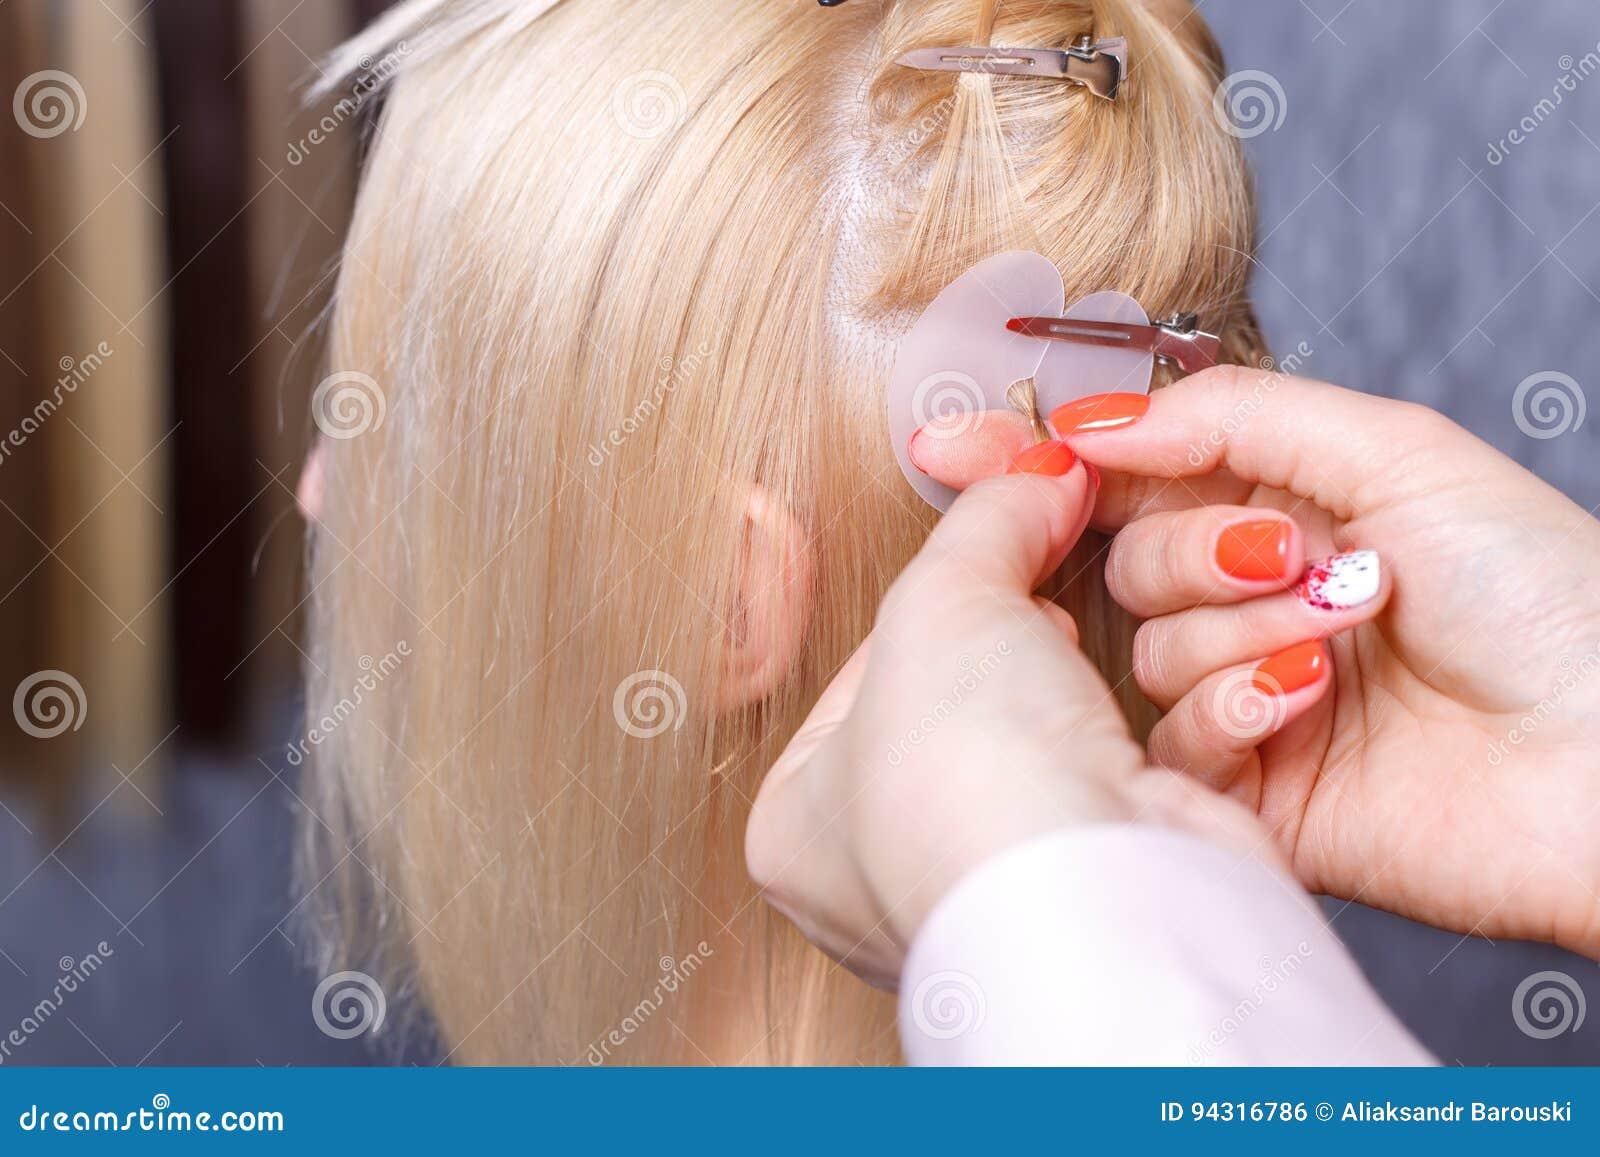 Haarerweiterungsverfahren Friseur Tut Haarerweiterungen Das Junge ...